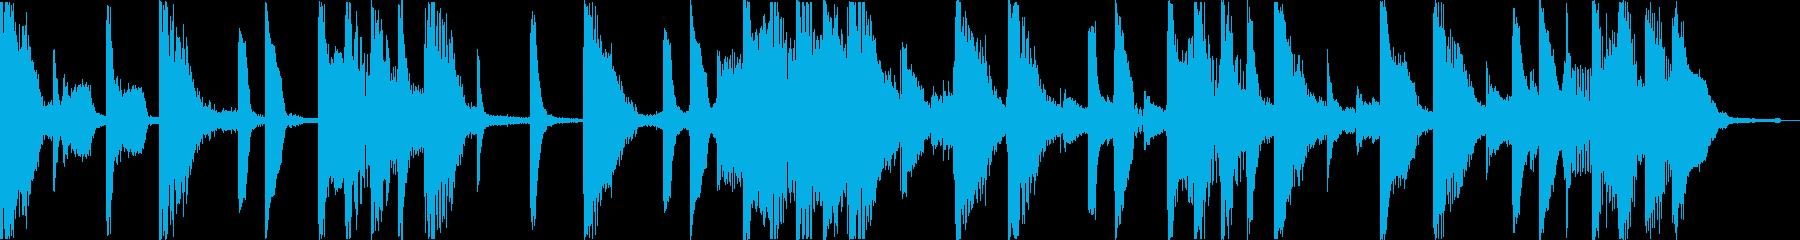 おしゃれ洋楽ヒップホップR&Bソウルfの再生済みの波形